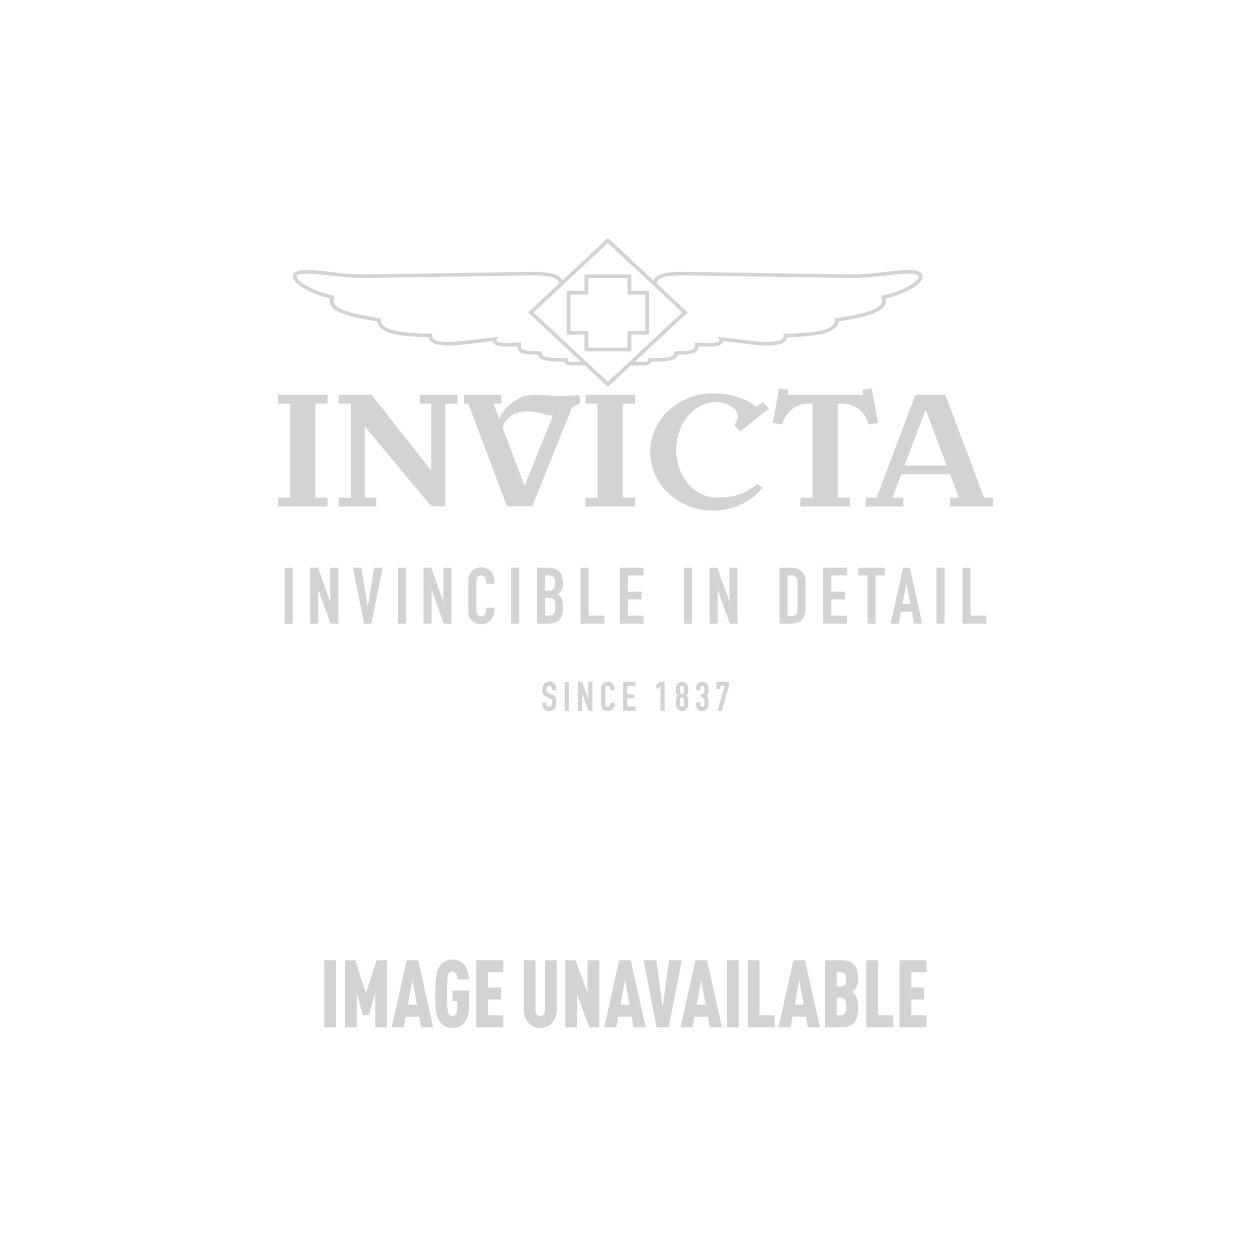 Invicta Model 25027